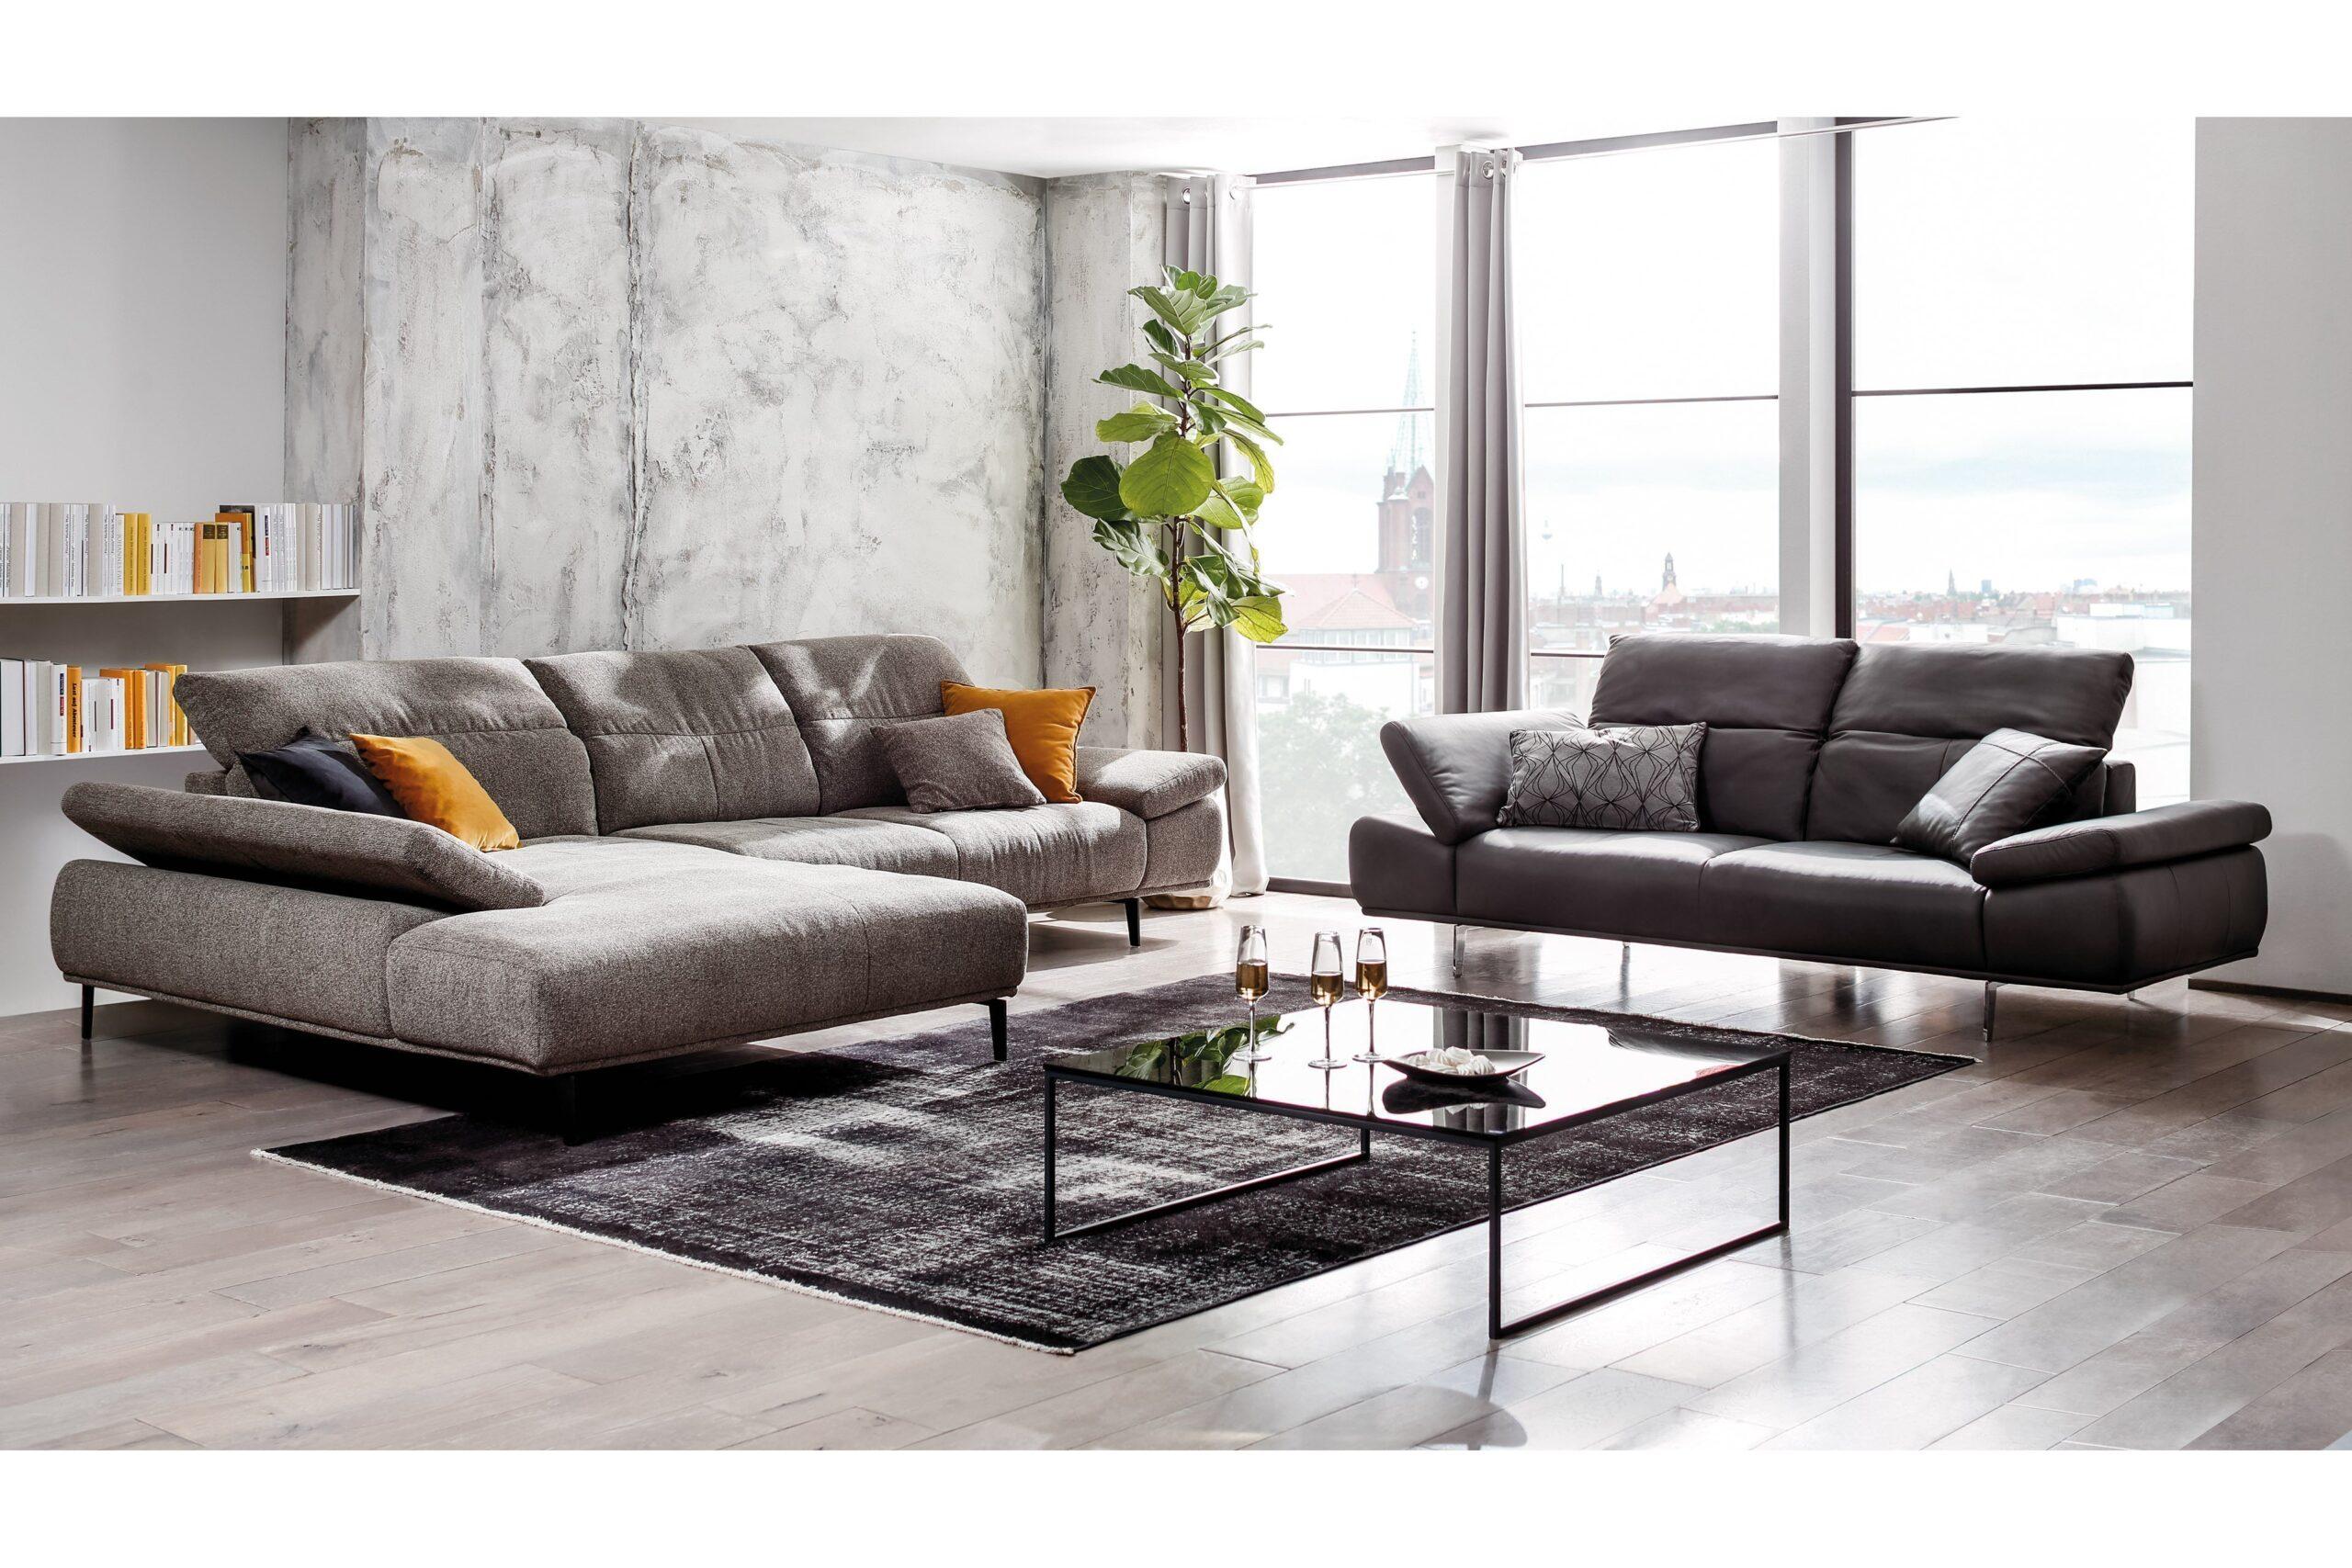 Full Size of Sofa Schillig Couch Kaufen W Black Label Online Ewald Flex Plus Erfahrungen Taboo Willi Polstermbelwerke Gmbh Co Kg Home Englisch Günstig Sofort Lieferbar Sofa Sofa Schillig